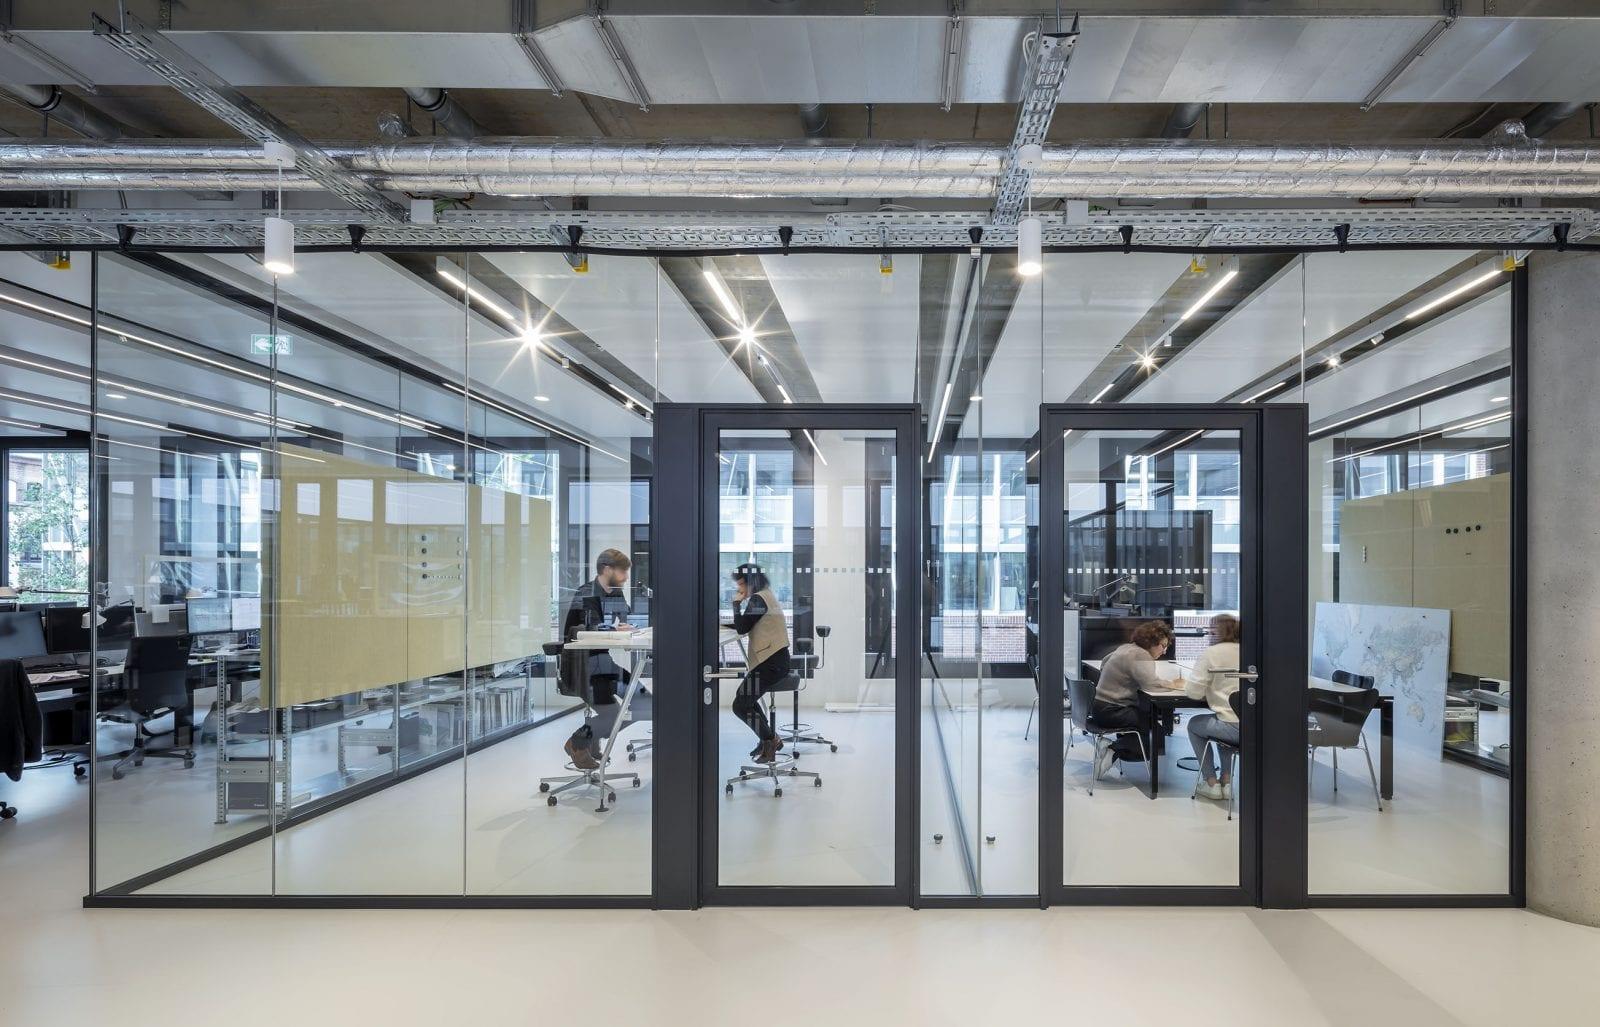 Gläserne Projekt- und Besprechungsräume in den Open Space-Flächen bieten Raum für ungestörte Meetings (HPP Architekten / Foto: Ralph Richter)